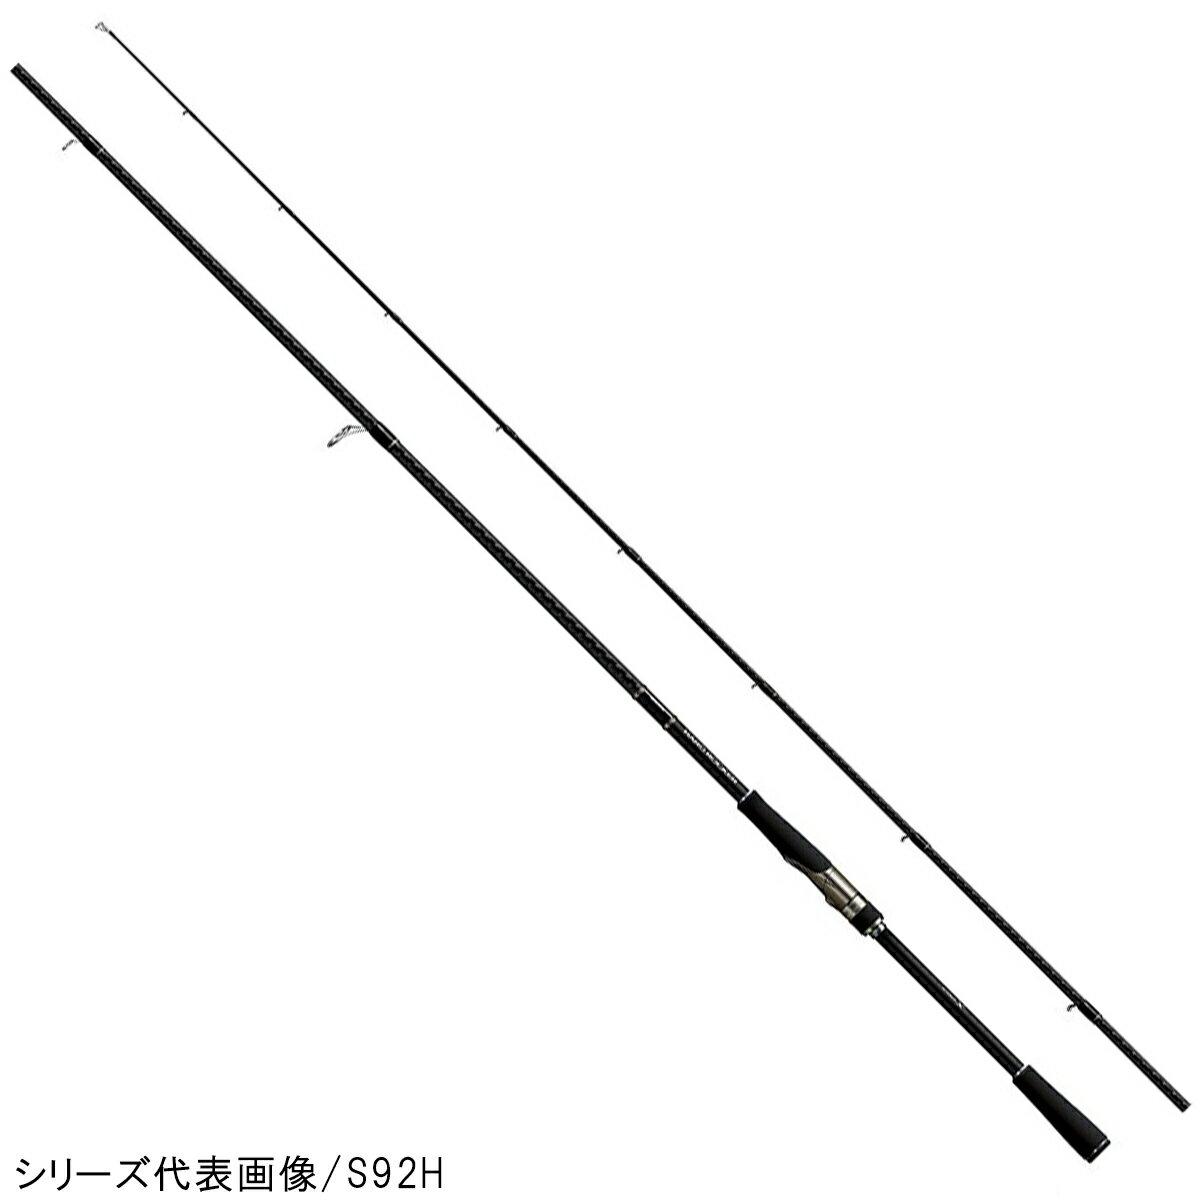 シマノ ハードロッカー S76M【送料無料】